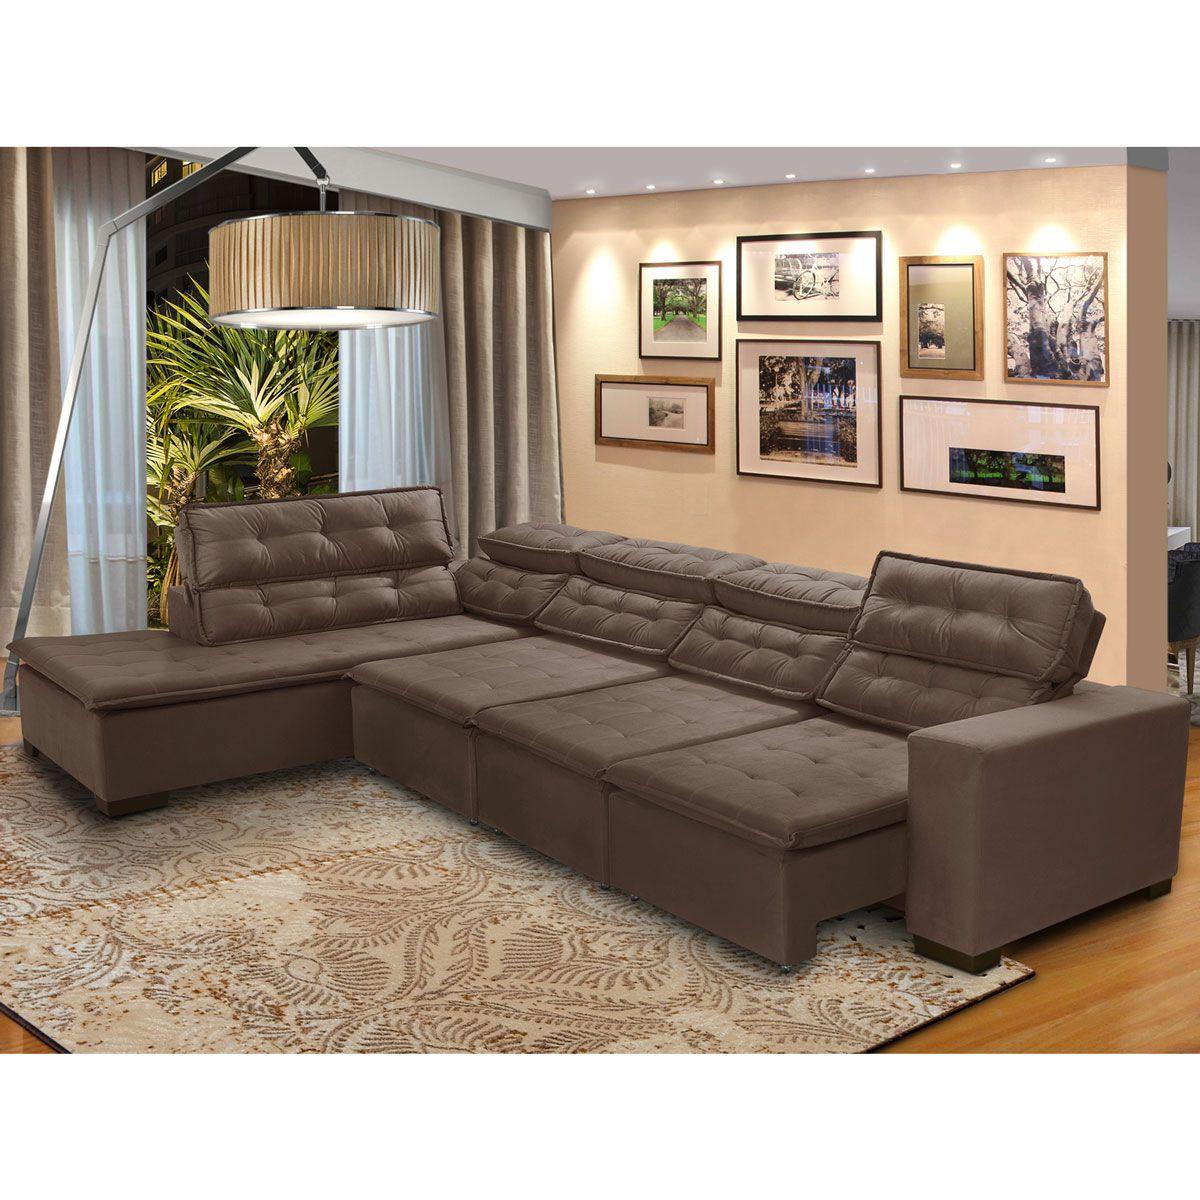 Sofá Canto Chaise 7 Lugares Retrátil e Reclinável Pillow 370 x 220 cm Sttilo - MegaSul